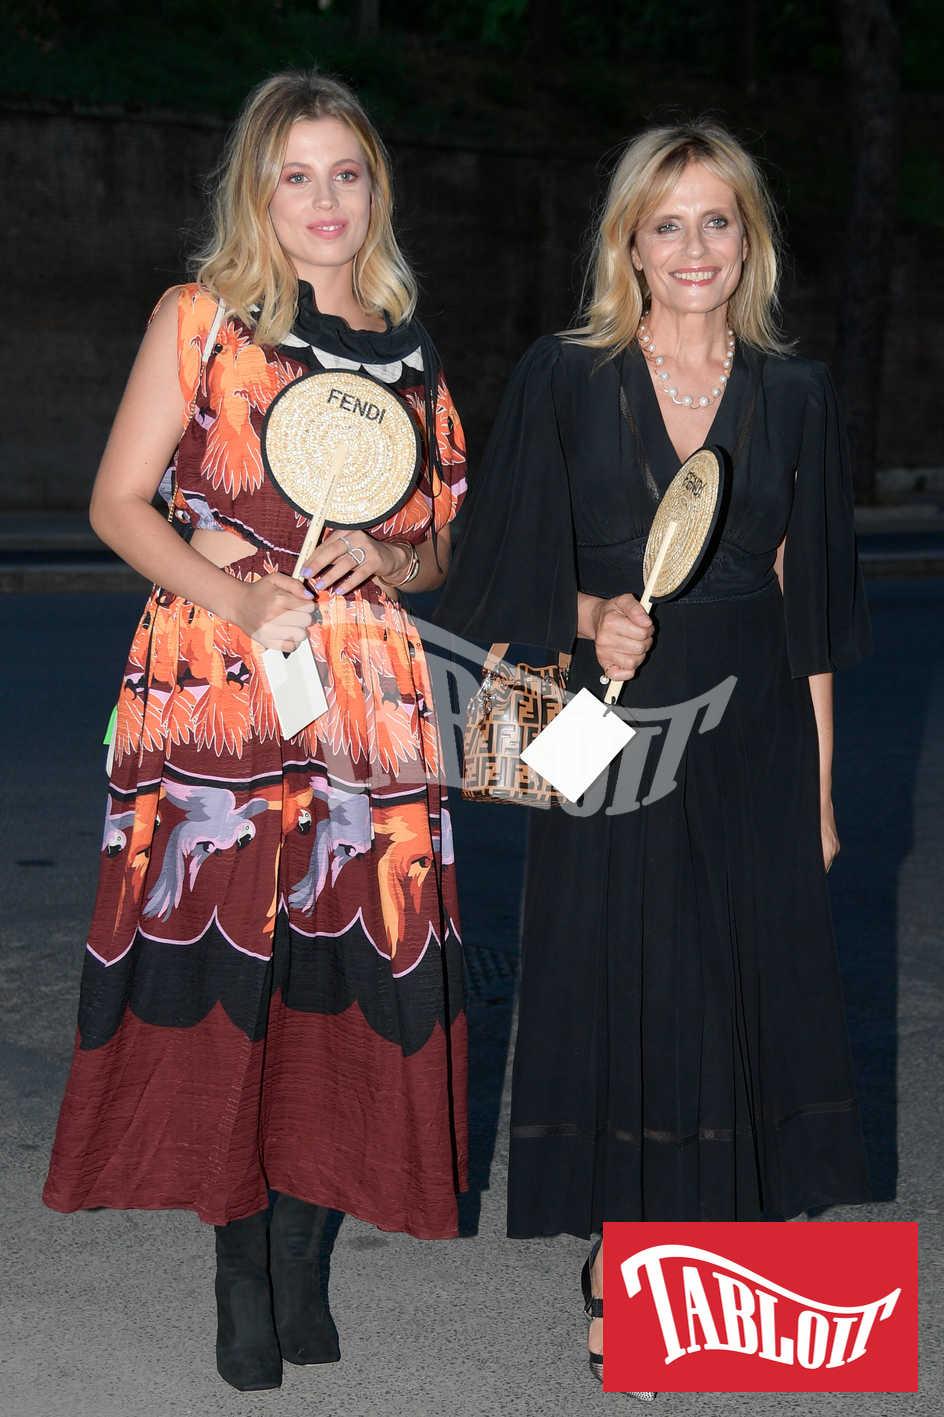 Isabella Ferrari con la figlia alla sfilata di Fendi 2019 a Roma